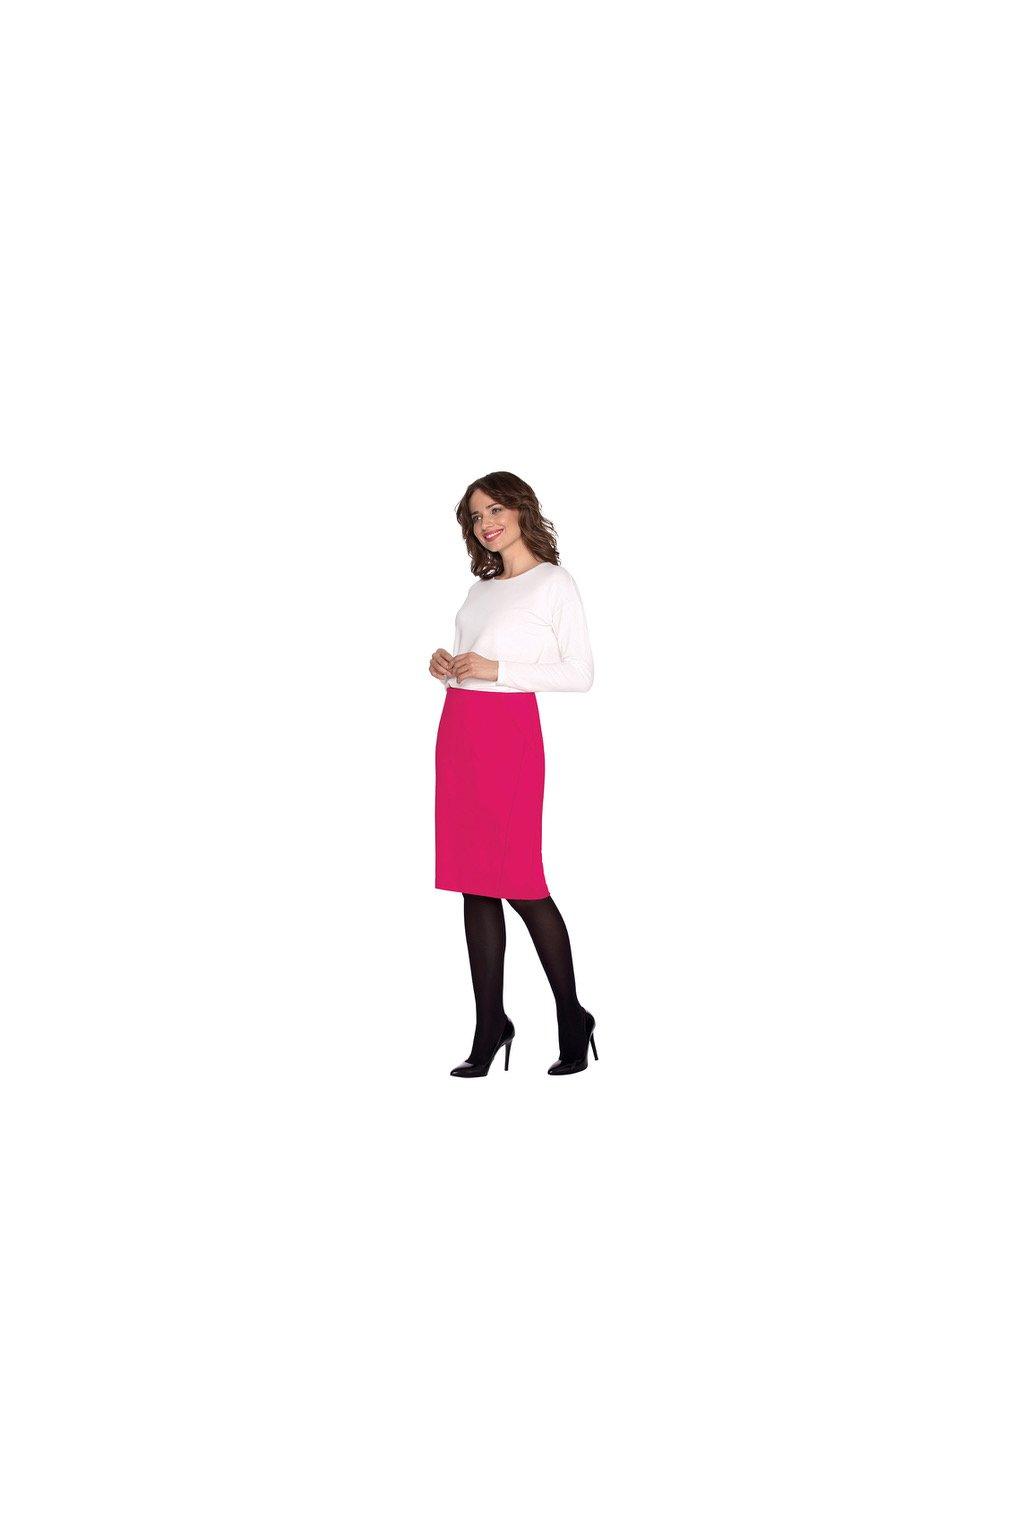 Dámská sukně, 10595 438, růžová